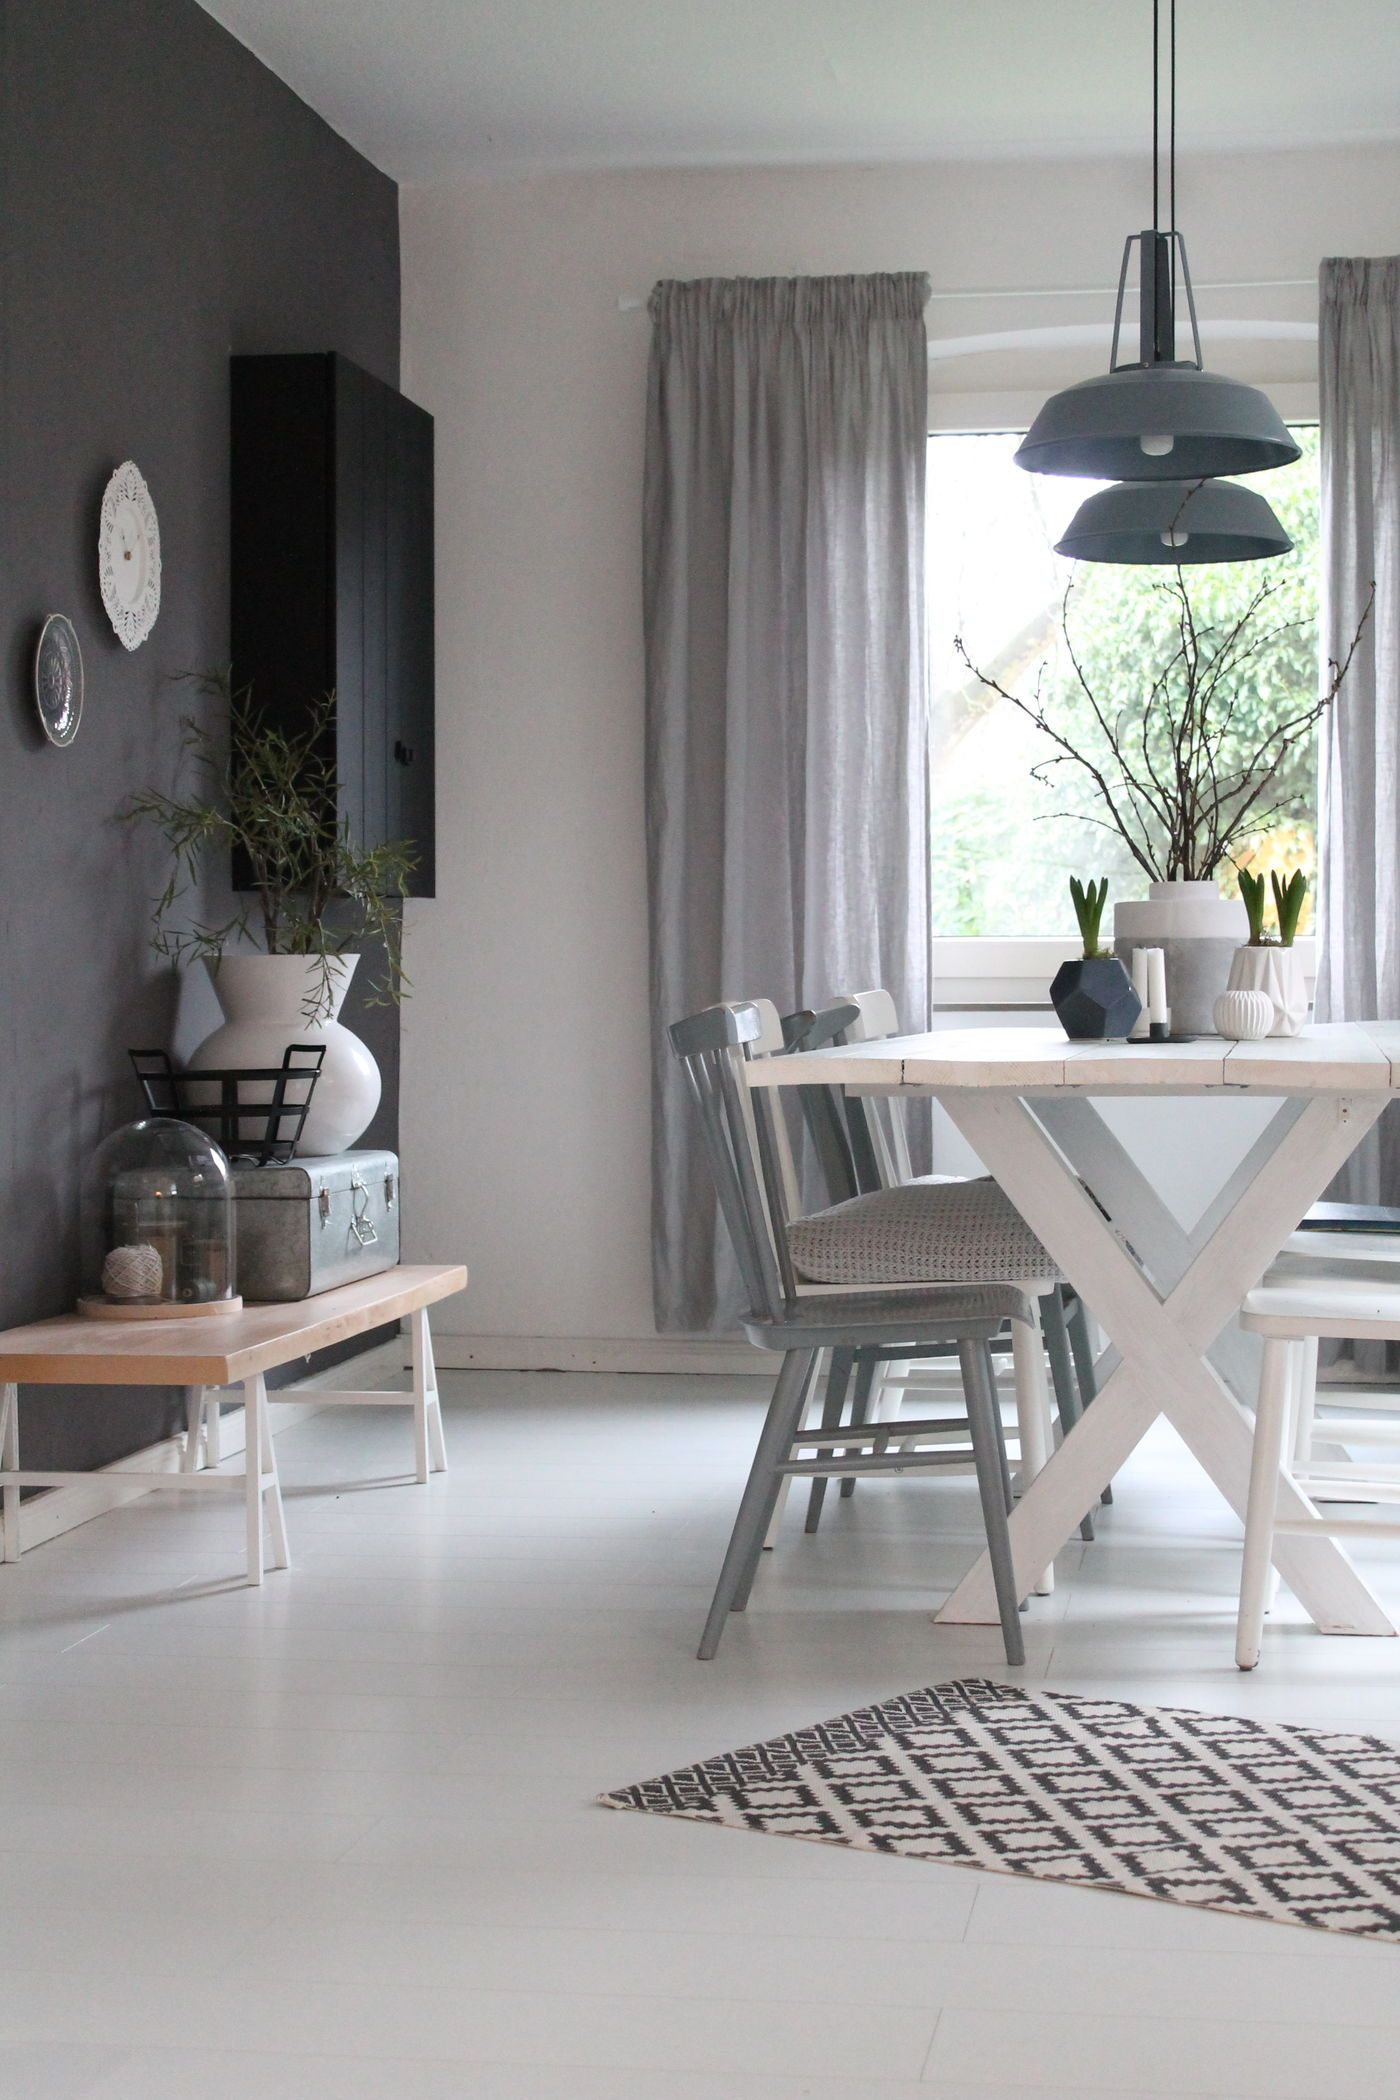 das landhaus esszimmer. Black Bedroom Furniture Sets. Home Design Ideas